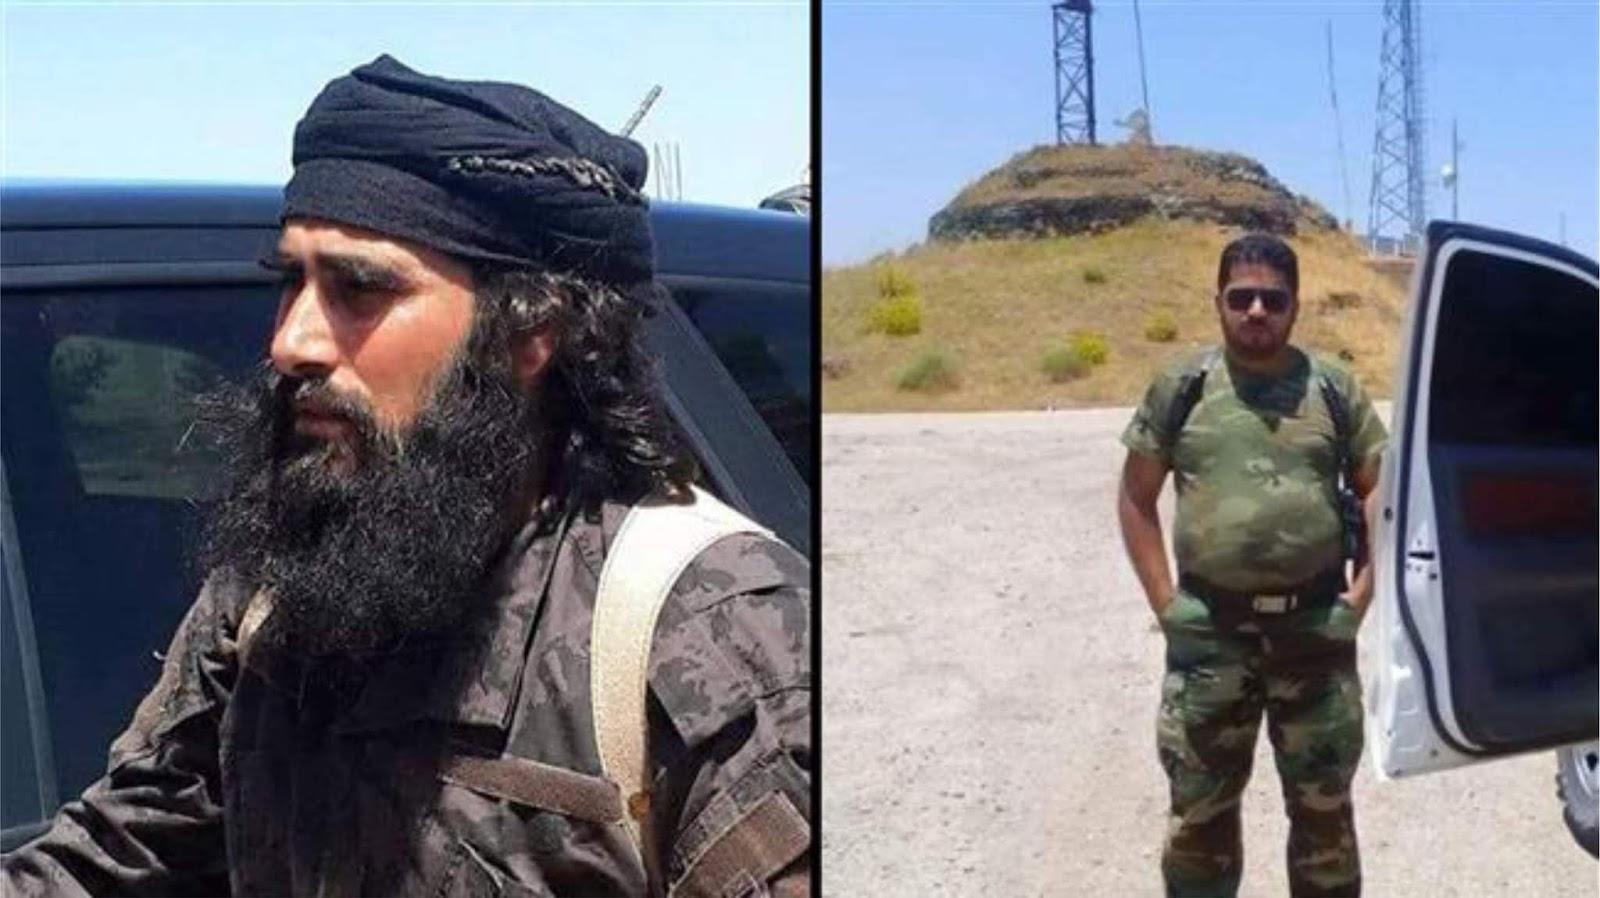 Komandan militan melarikan diri dari Suriah selatan ke Israel